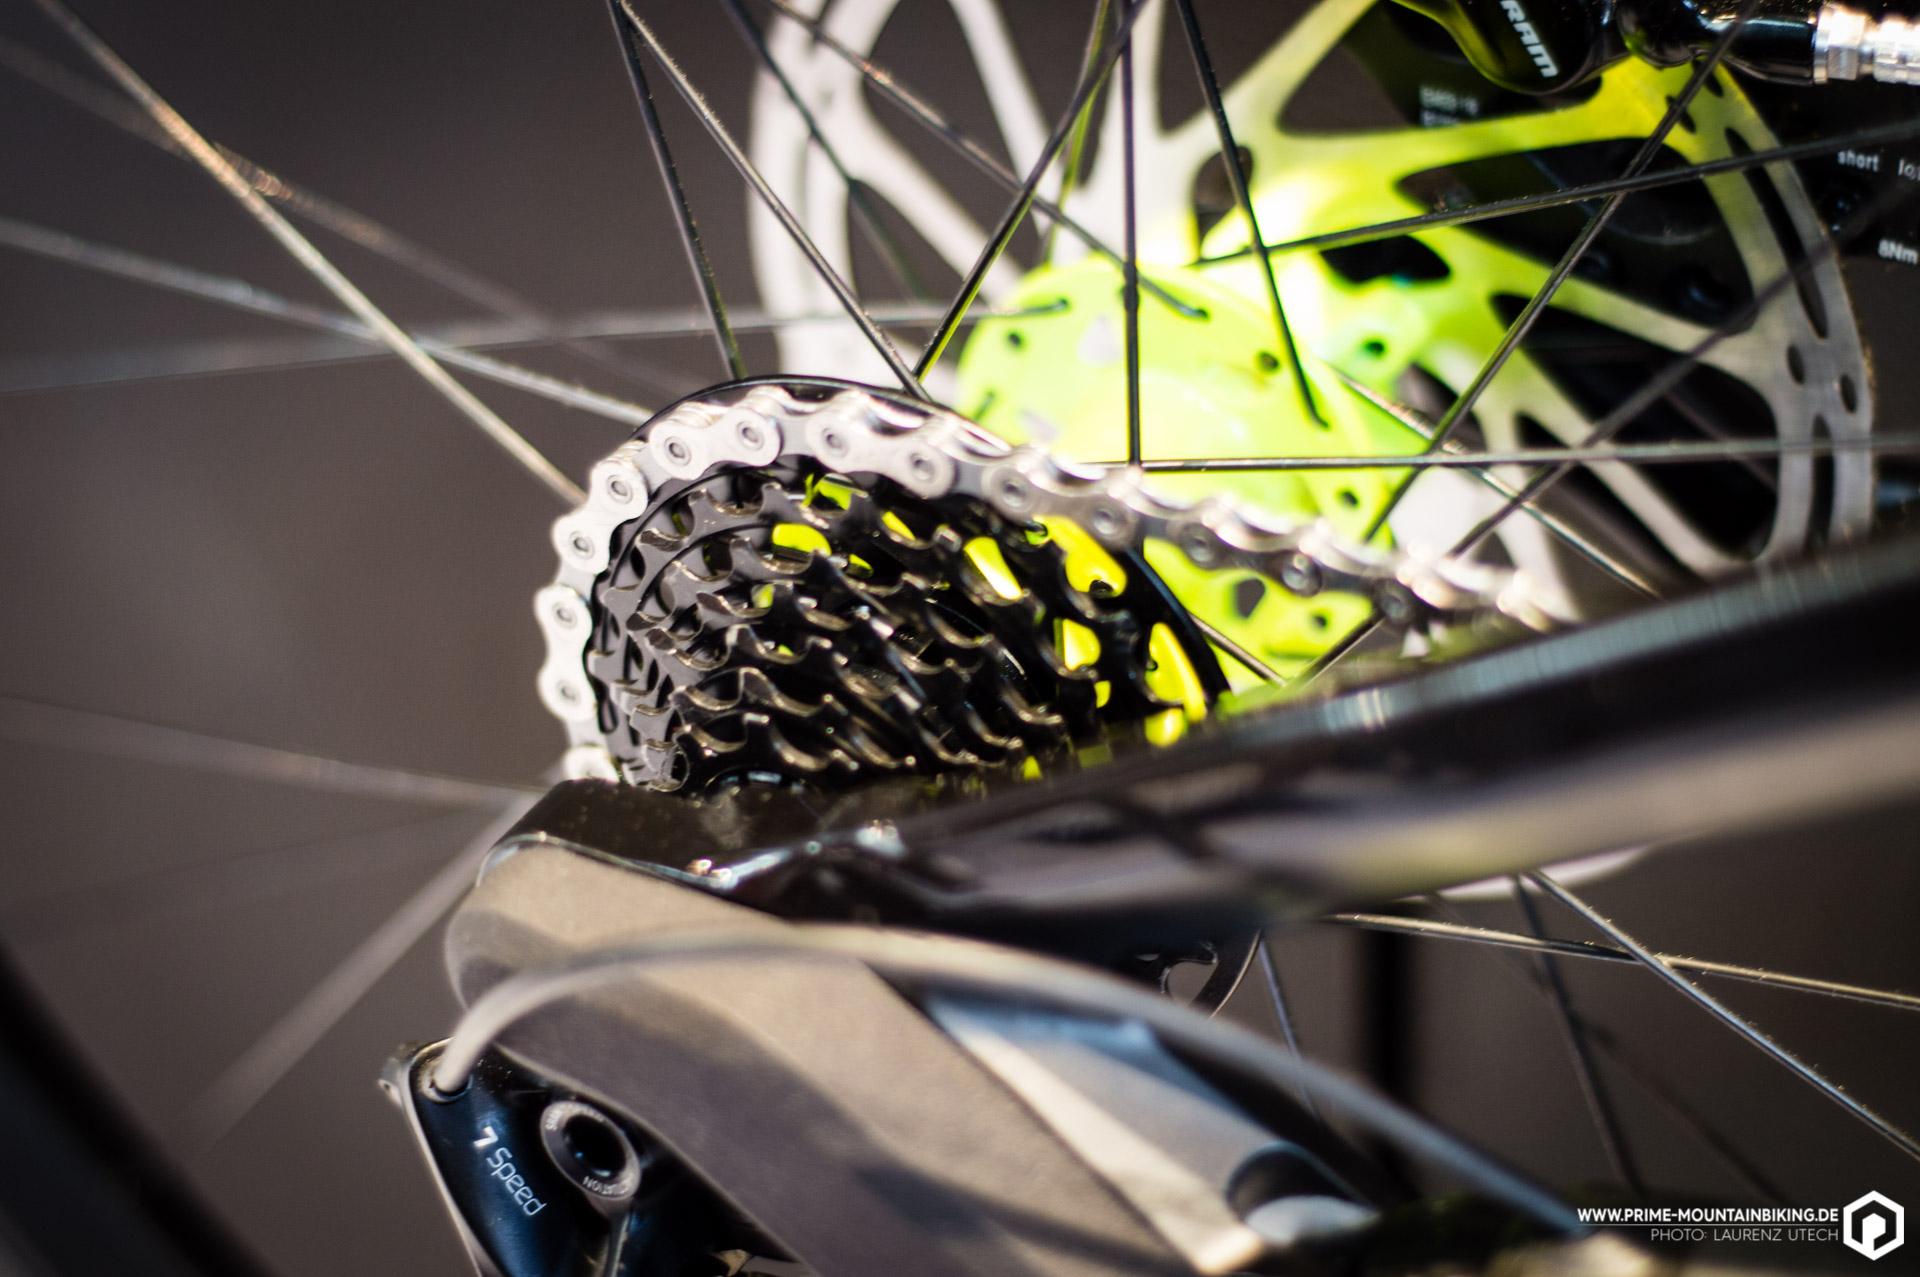 Erstmal ein völlig gewohntes Bild: Downhillbike, Hinterradnabe und eine Kasette die auf dem Freilaufkörper steckt ...